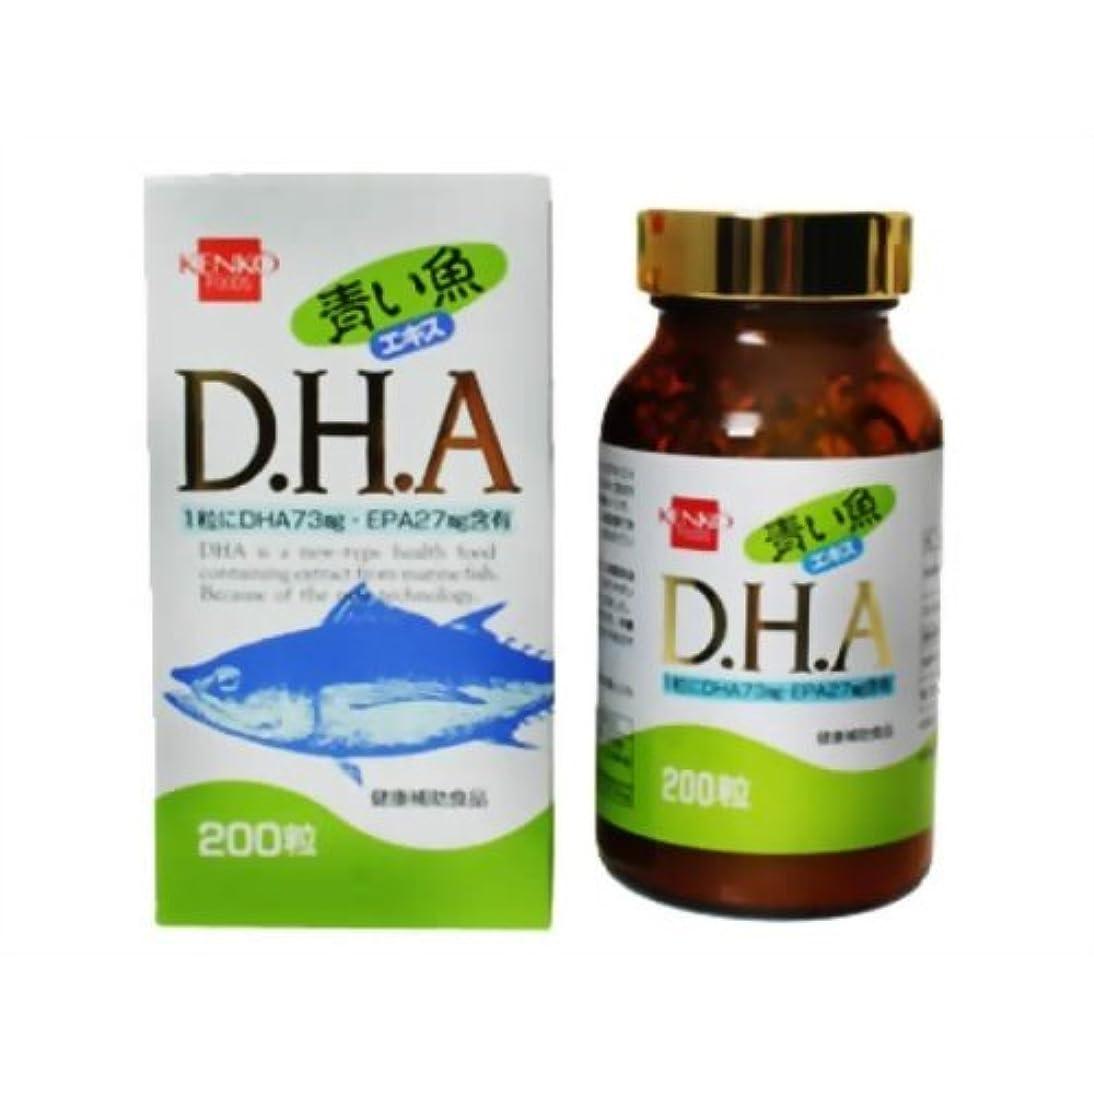 分泌する原子炉拡張健康フーズ 青い魚エキス DHA 200粒